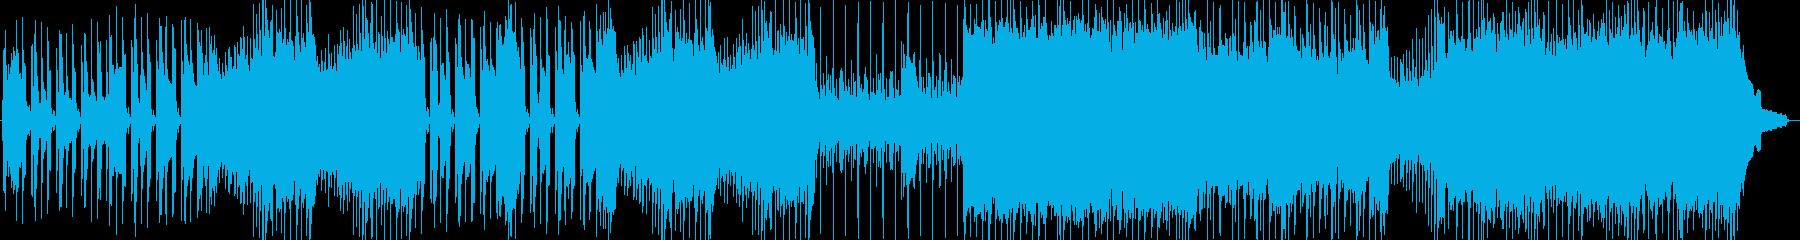 ポップロック。アコースティックサウンド。の再生済みの波形